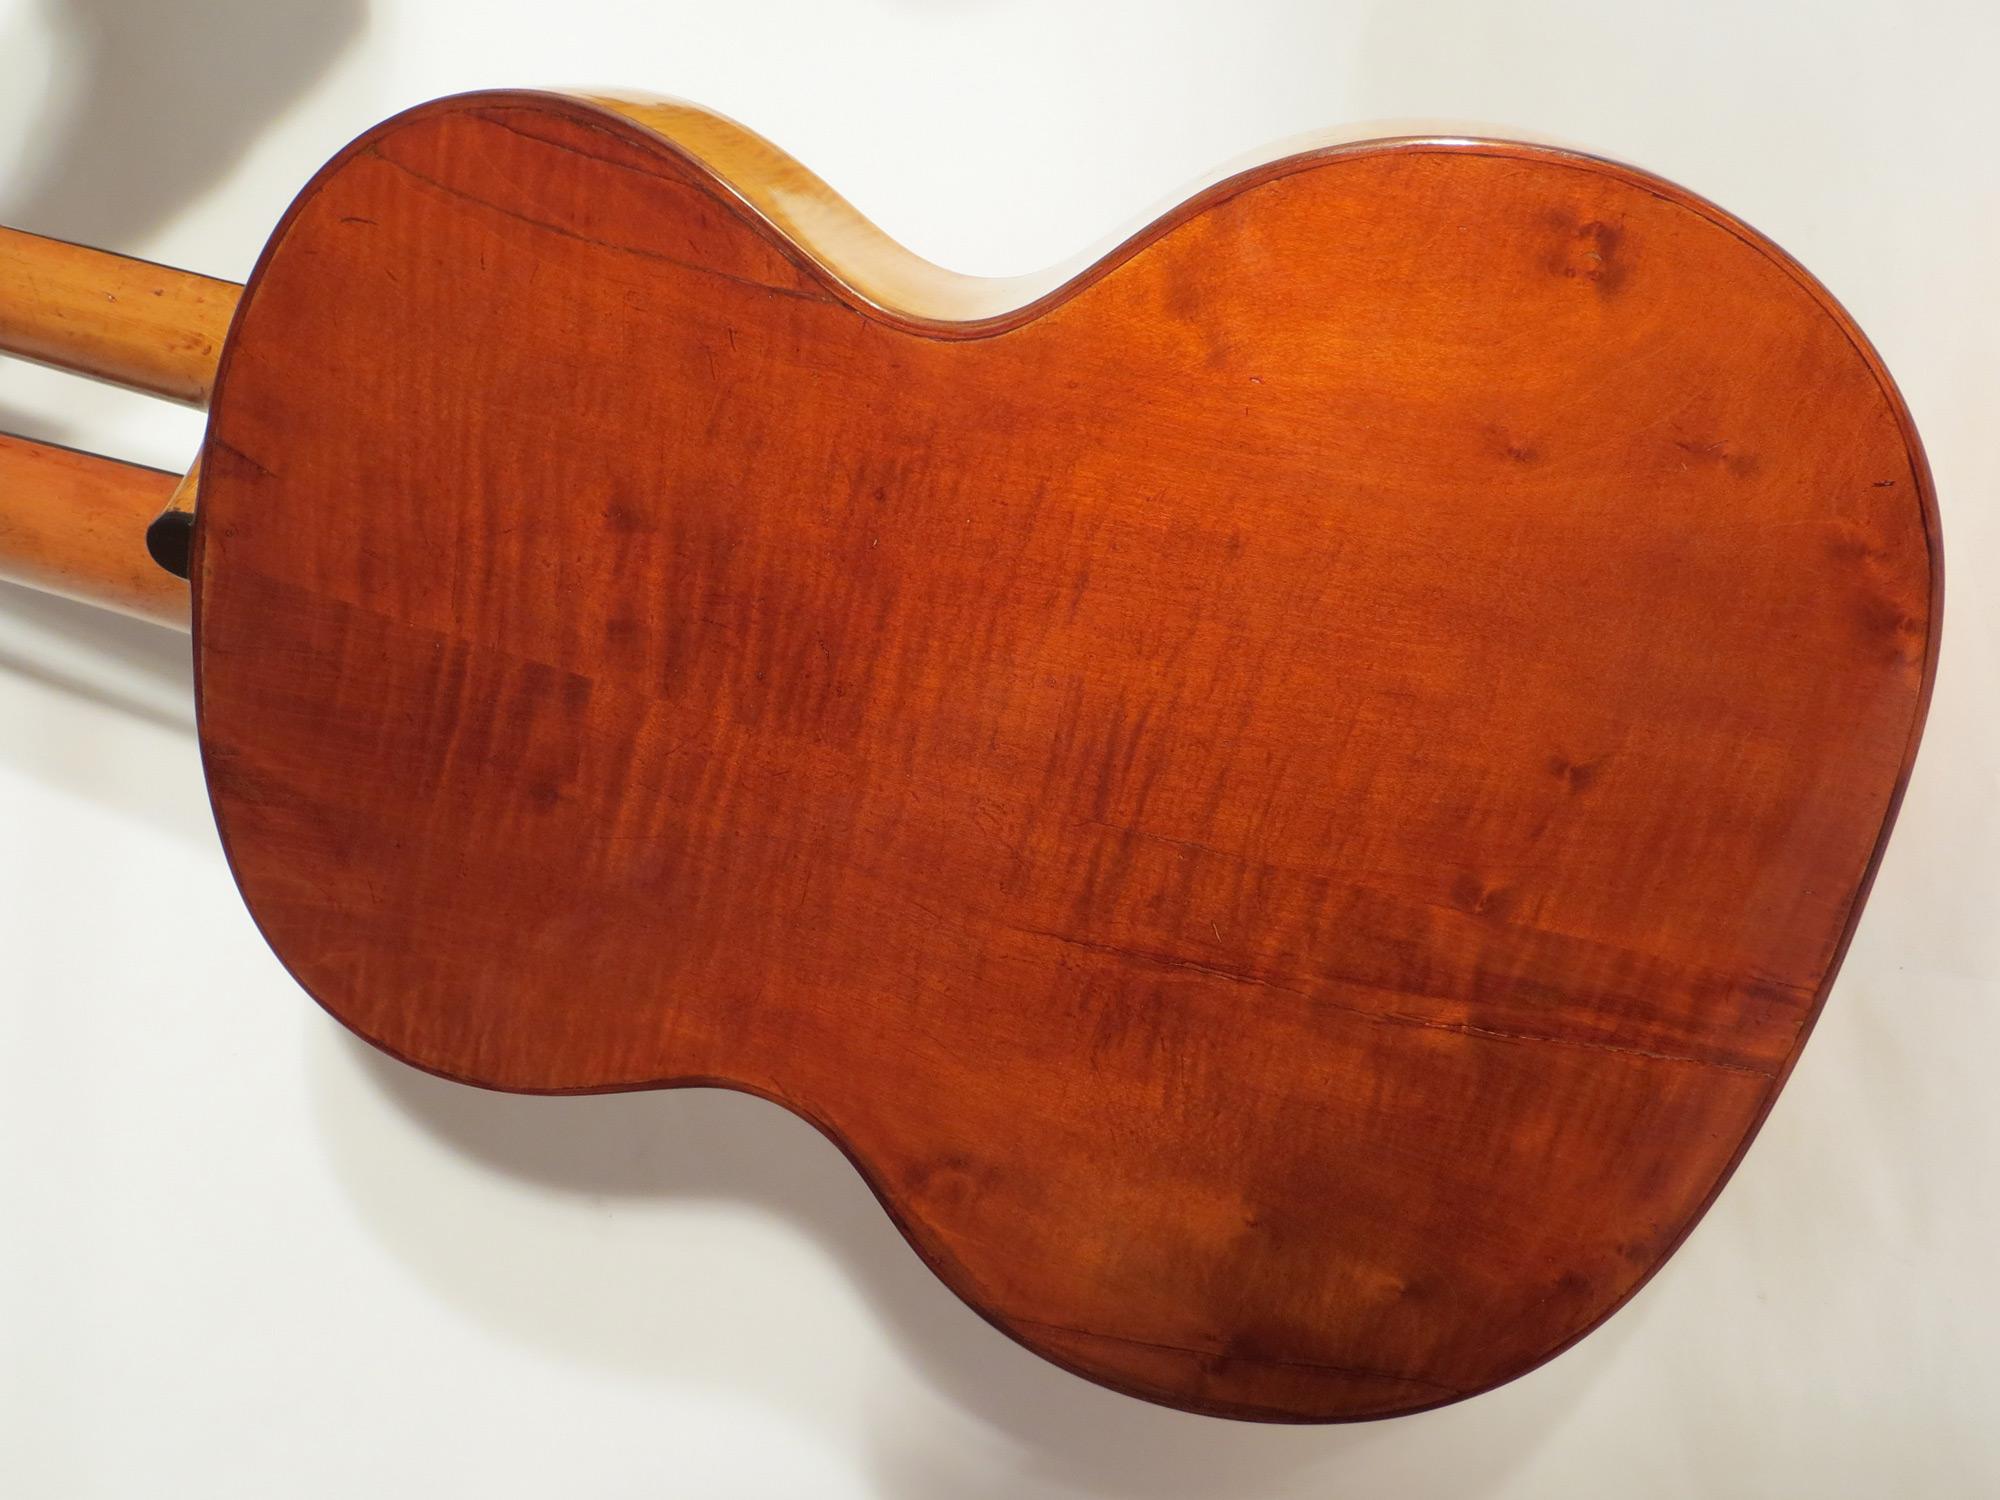 Gitarrenboden restauriert